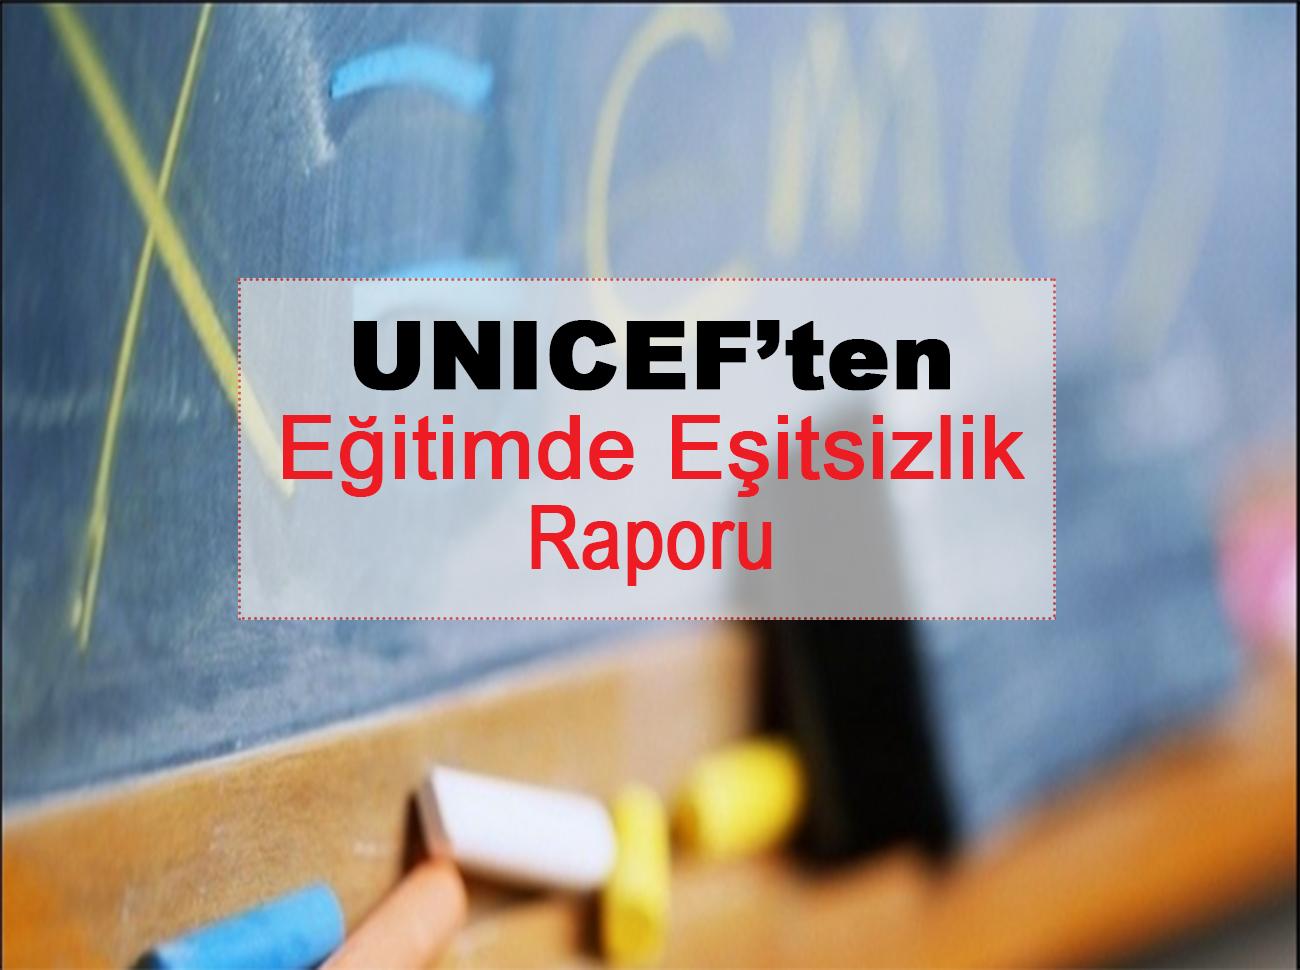 UNICEF Eğitimde Eşitsizlik Raporu Hazırladı